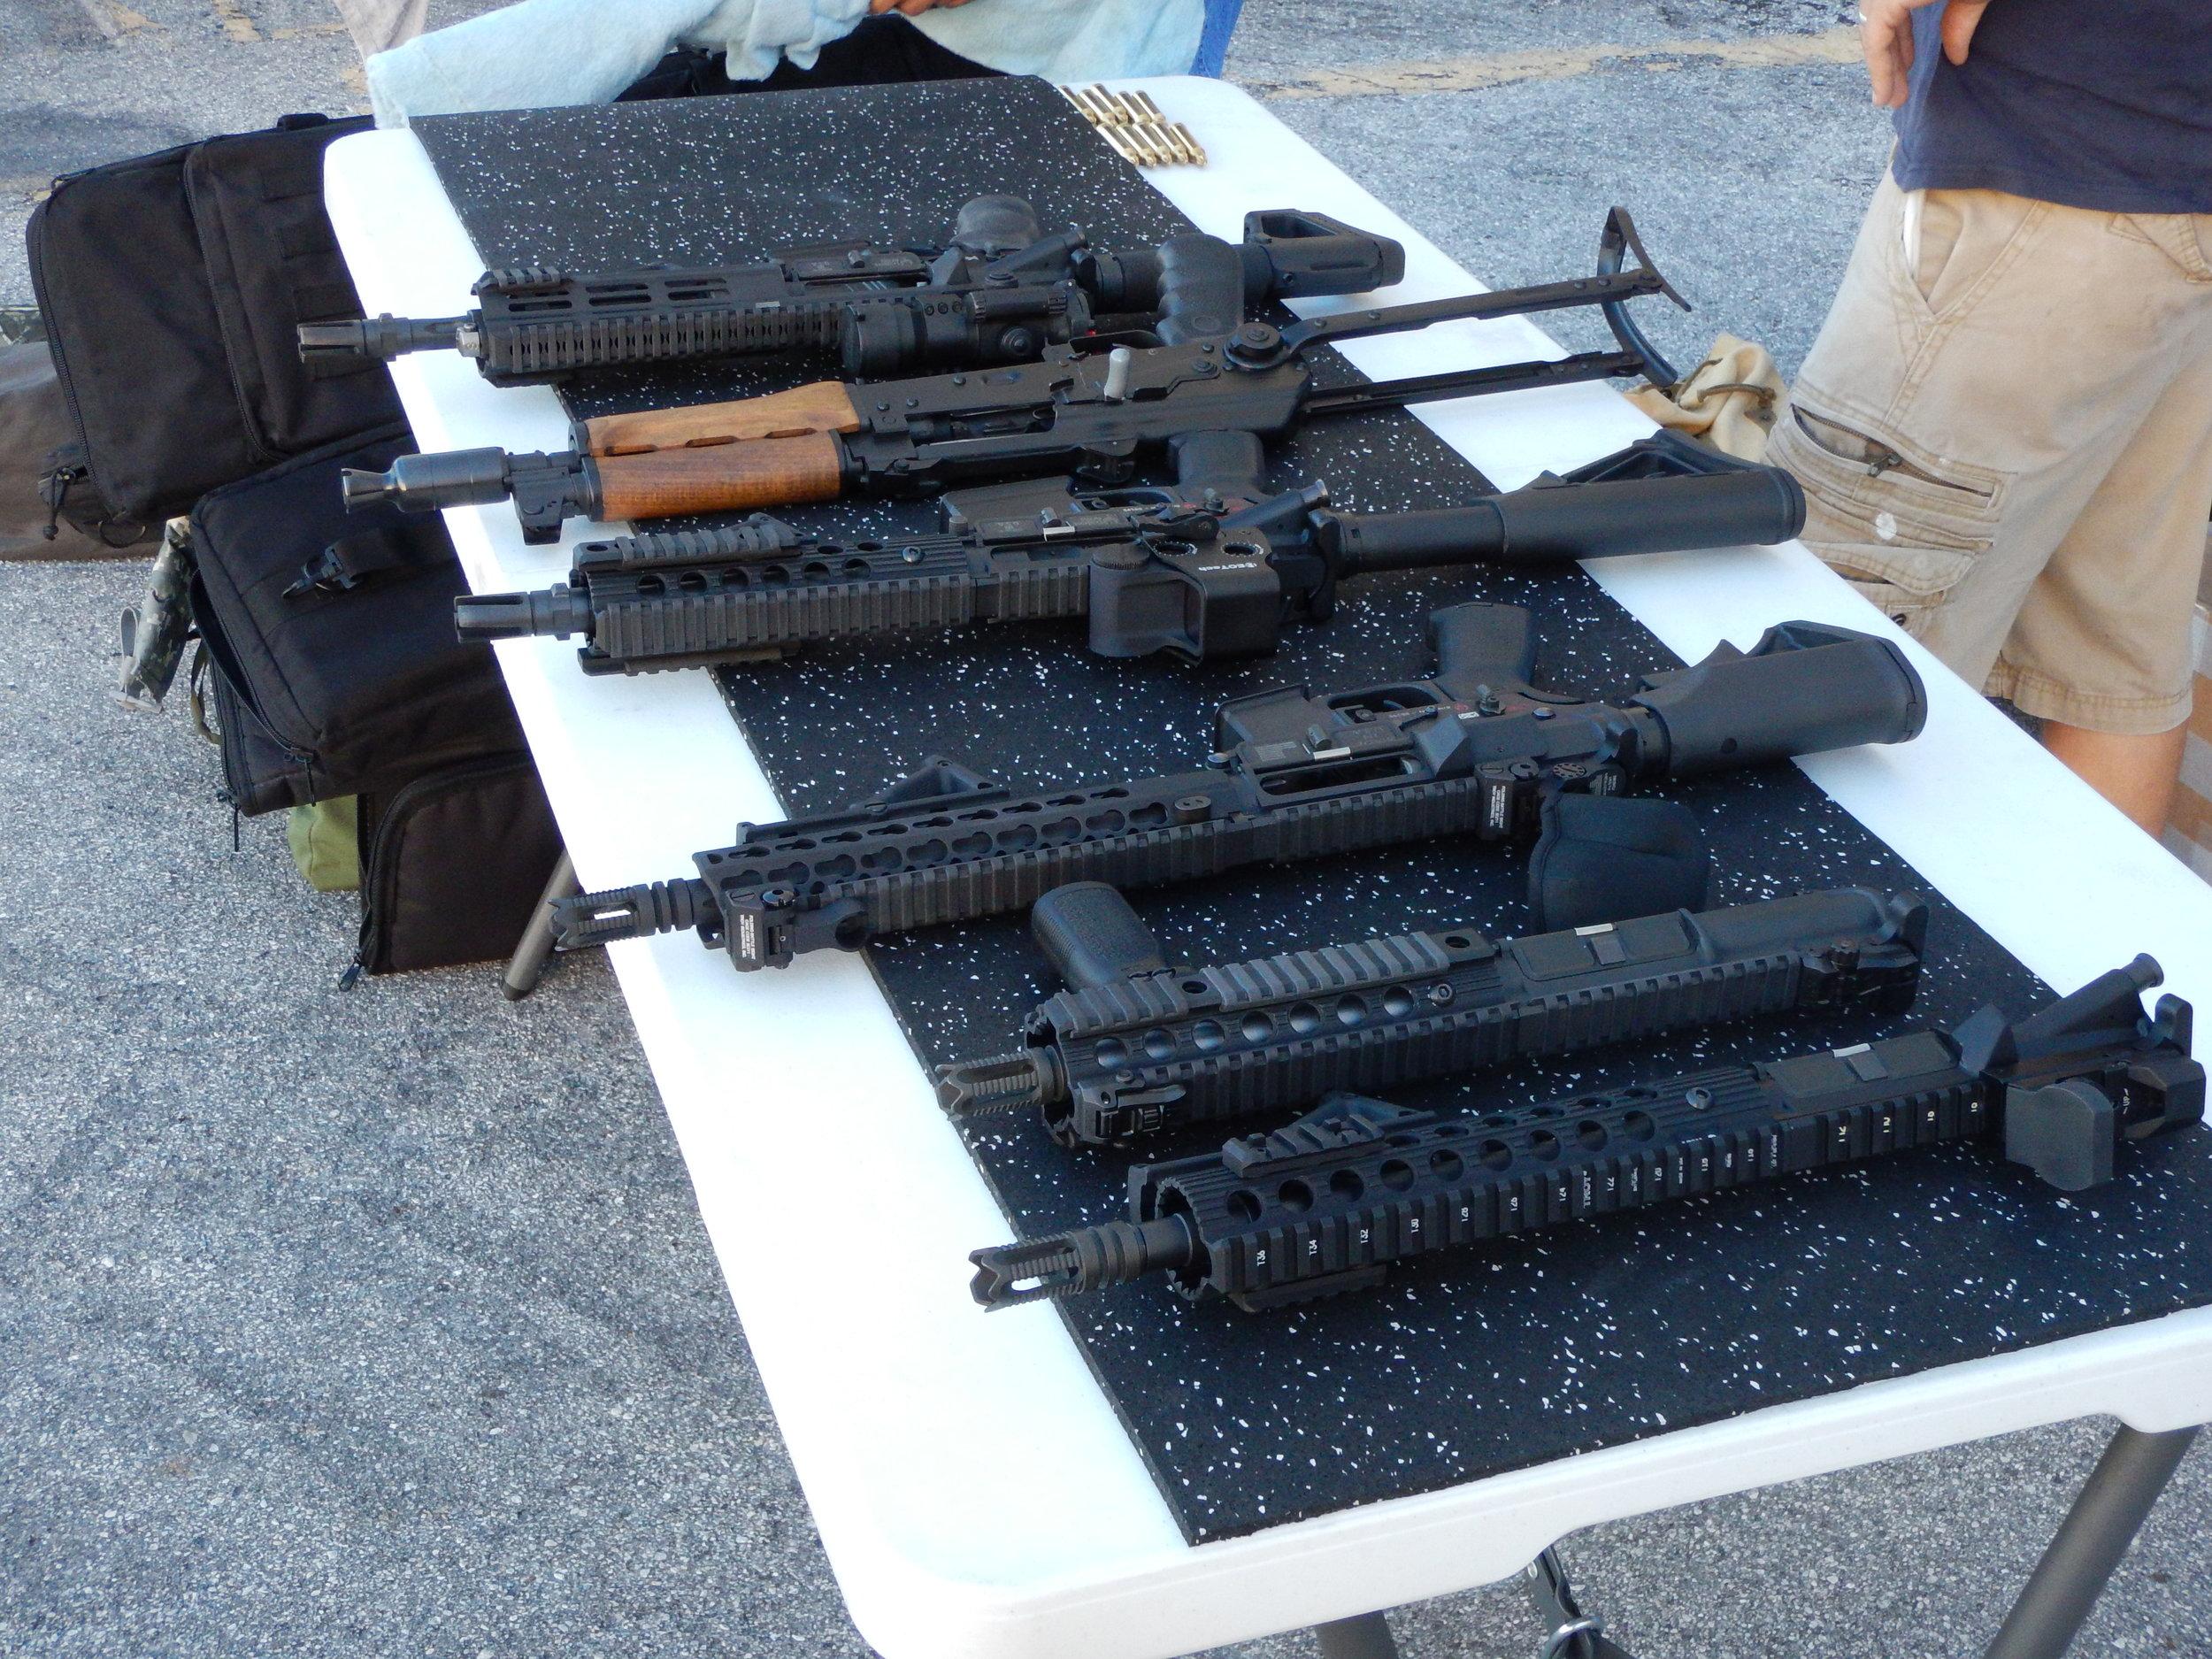 DSCN1355 Guns.JPG